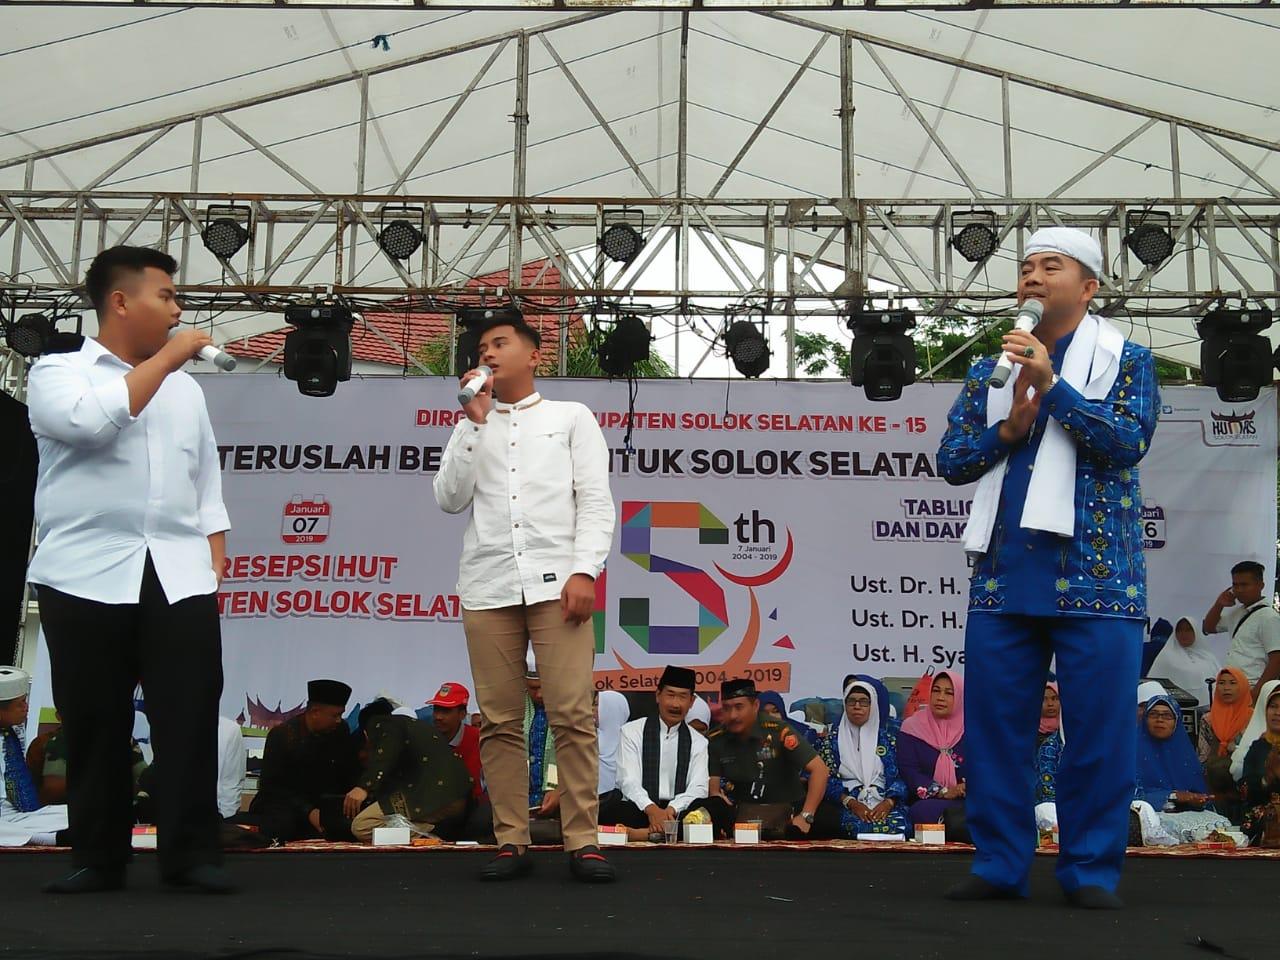 Ust. Syafrizal bersama Dua putranya Irsyad dan Furqon dalam rangka Tabligh Akbar di Kabupaten Solok Selatan.